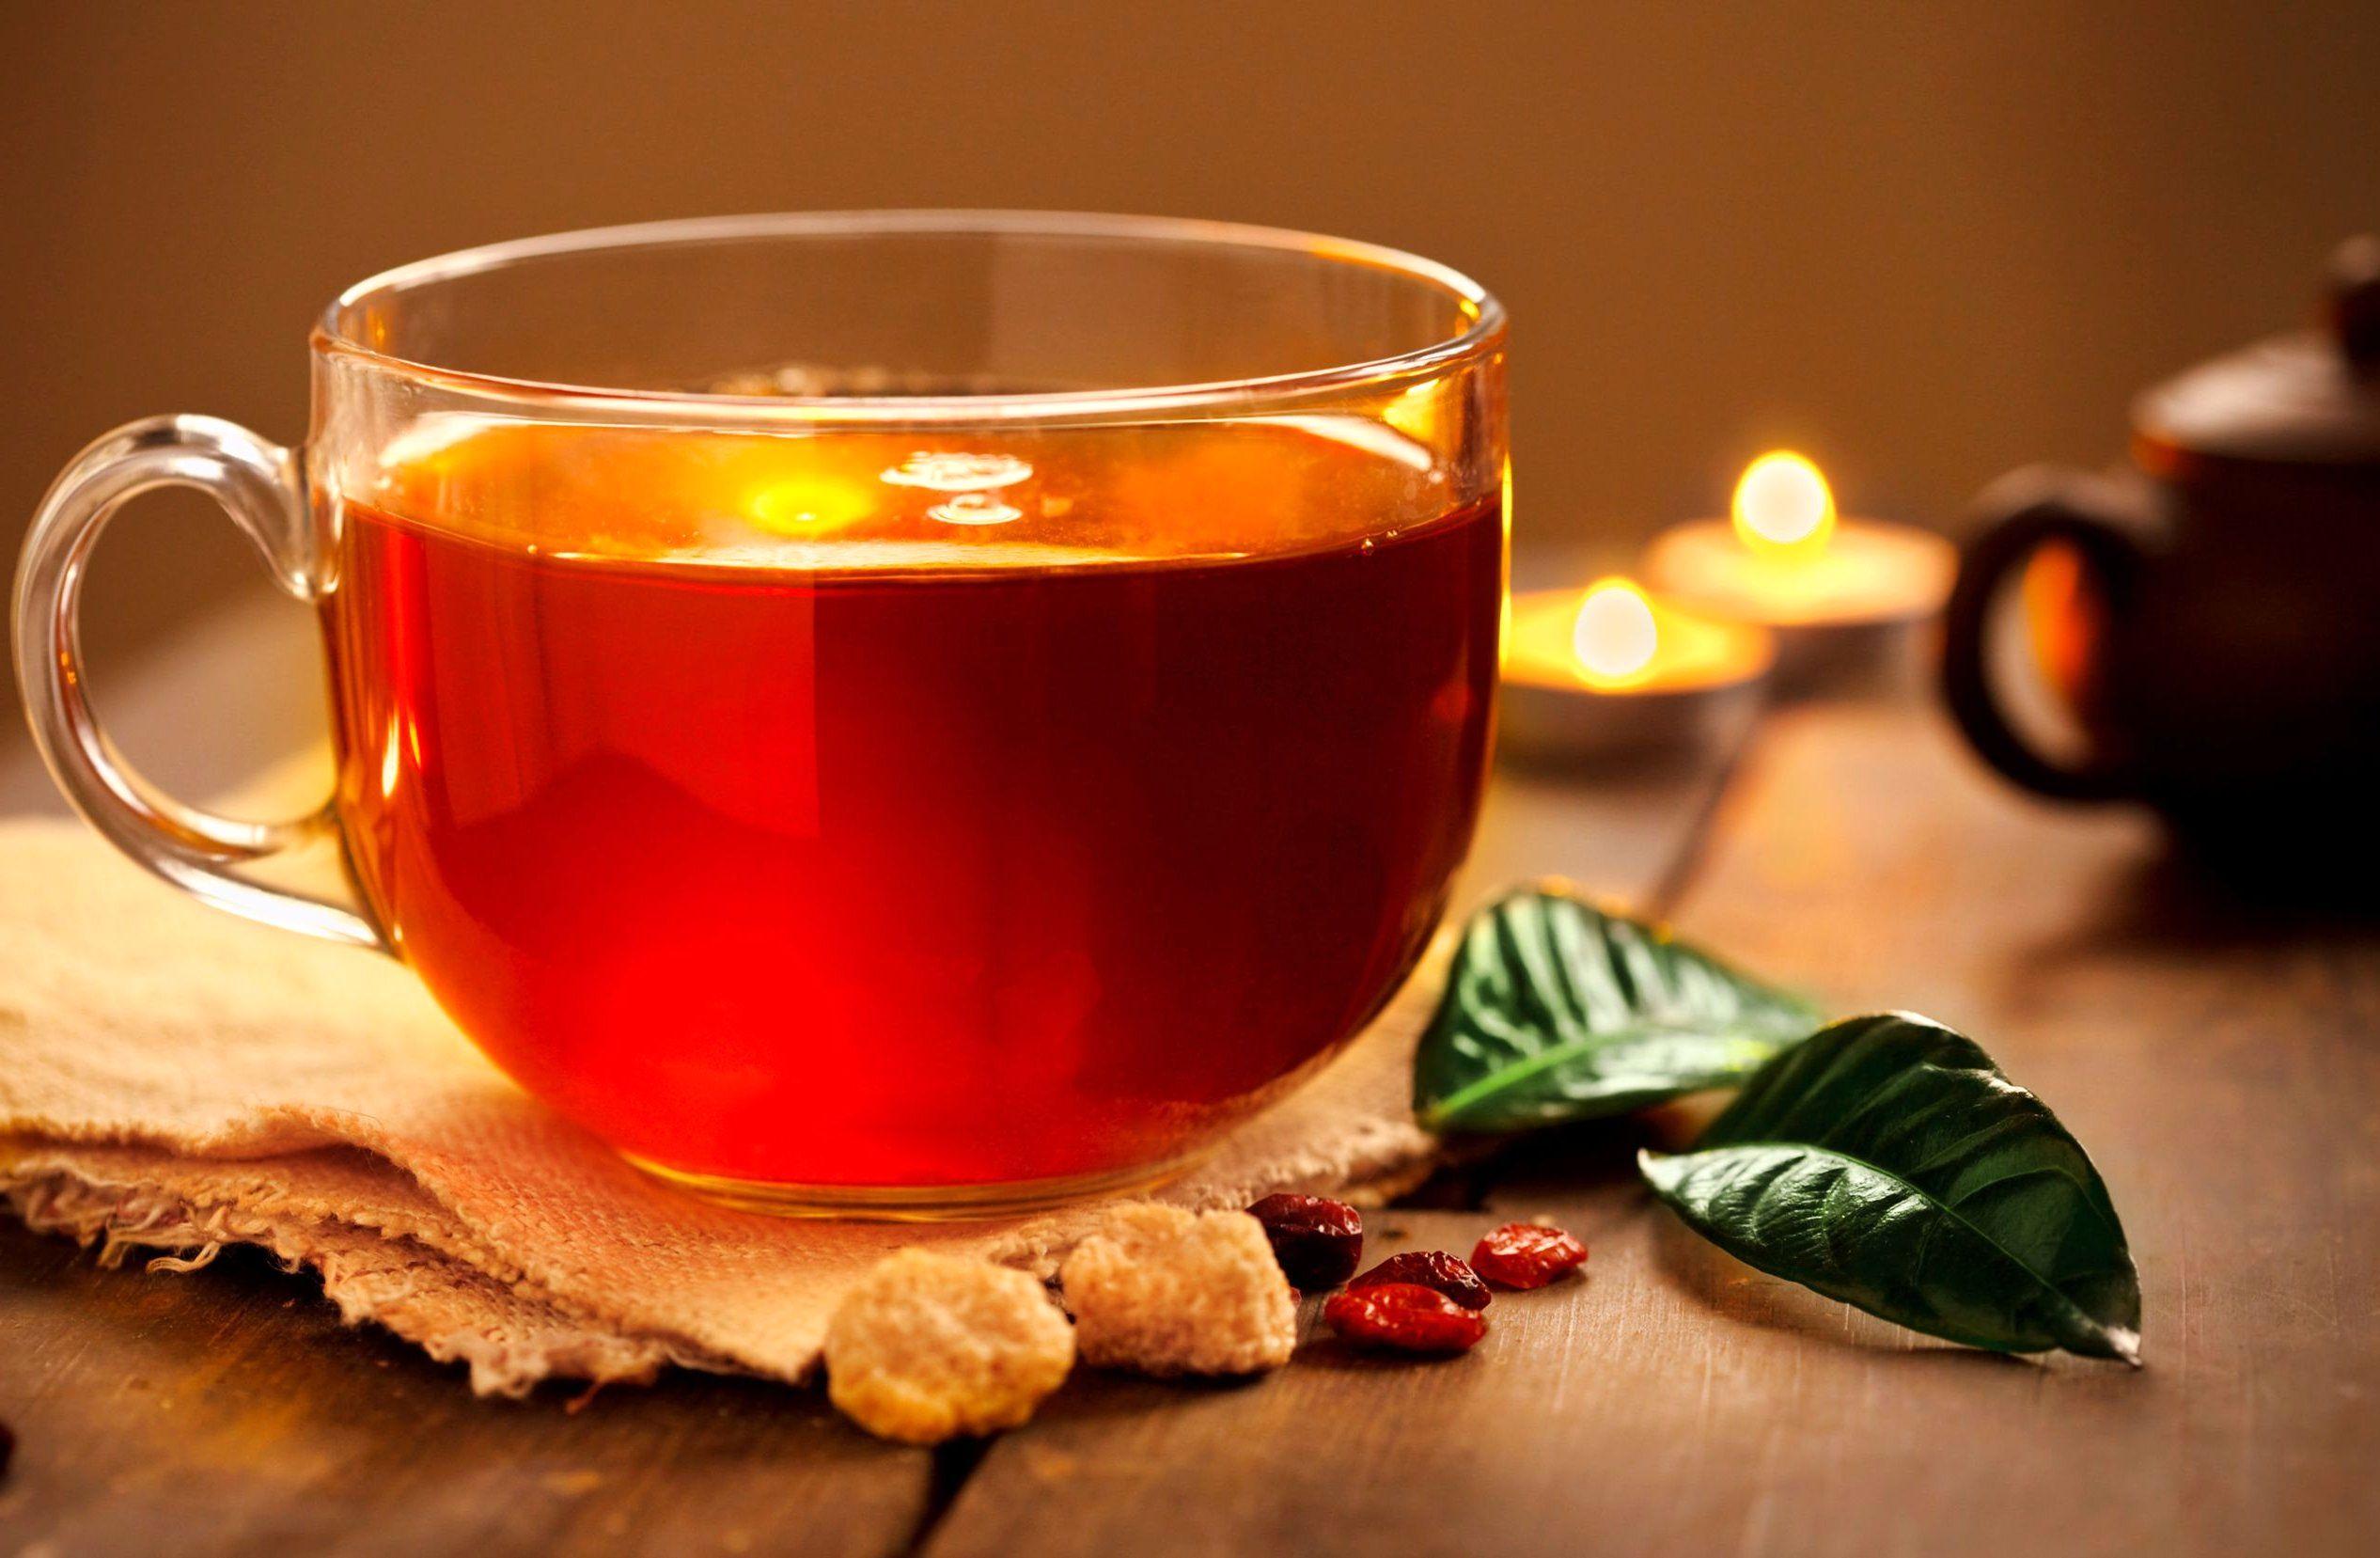 نوشیدن چای بعد از غذا ممنـــوع//ثباتی